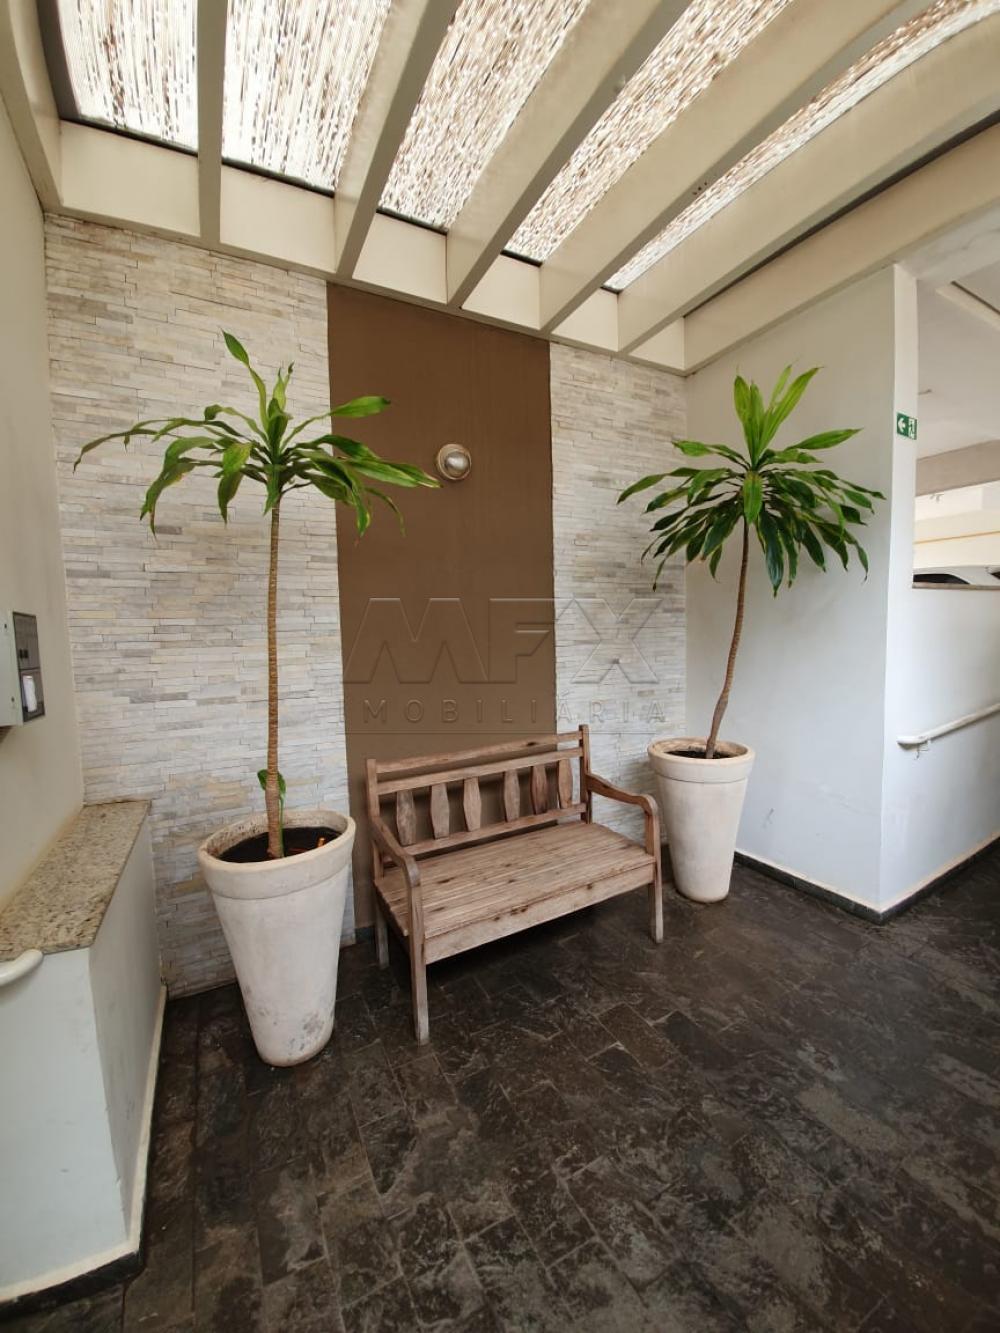 Comprar Apartamento / Padrão em Bauru apenas R$ 200.000,00 - Foto 3